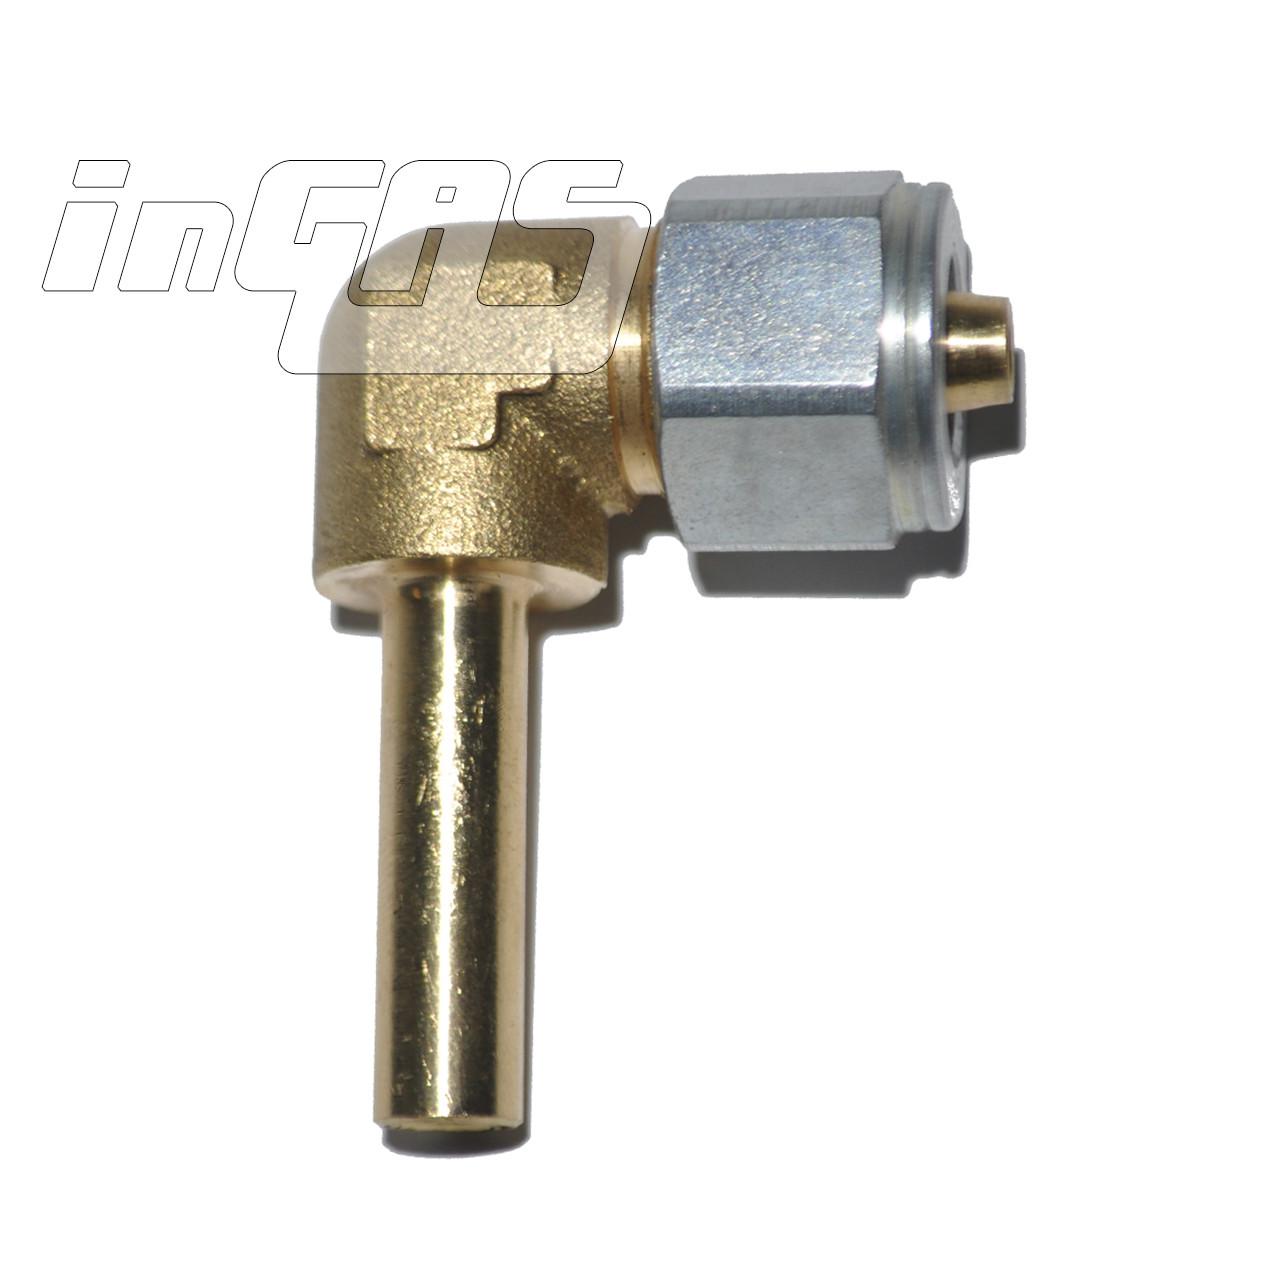 Переходник соединительный угловой+гайка+ниппель разрезной для термопластиковой трубки D6, FARO (Тип Rail, Eme